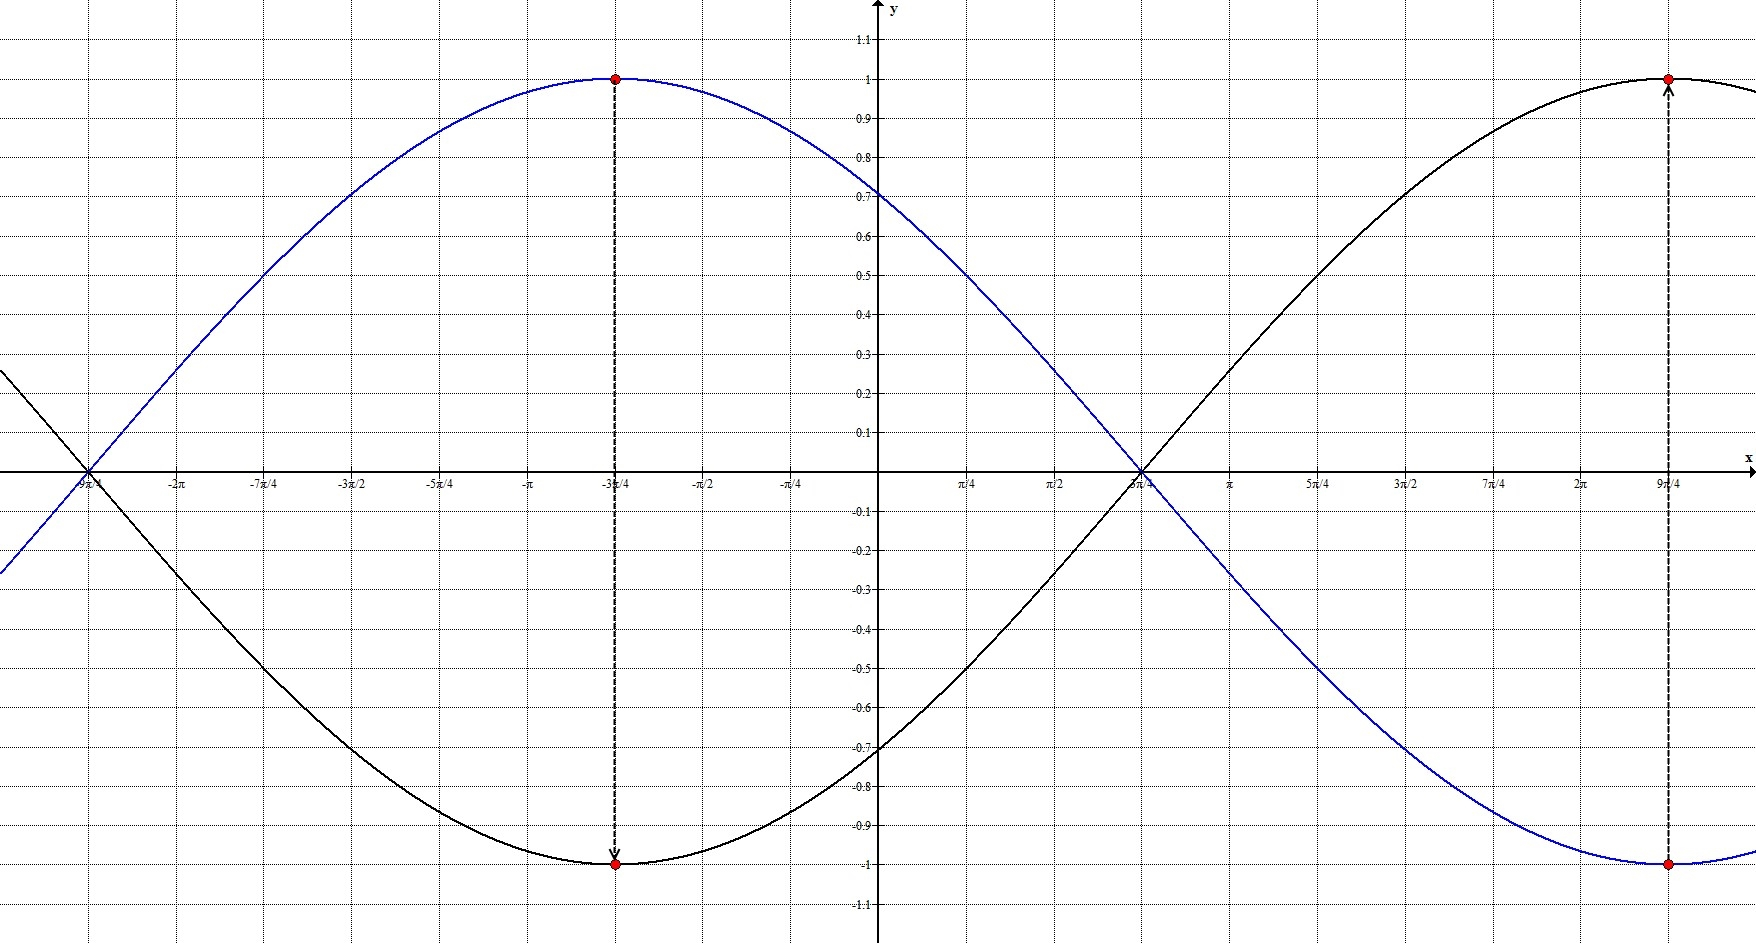 Геометрические преобразования. Общий случай. График 4.